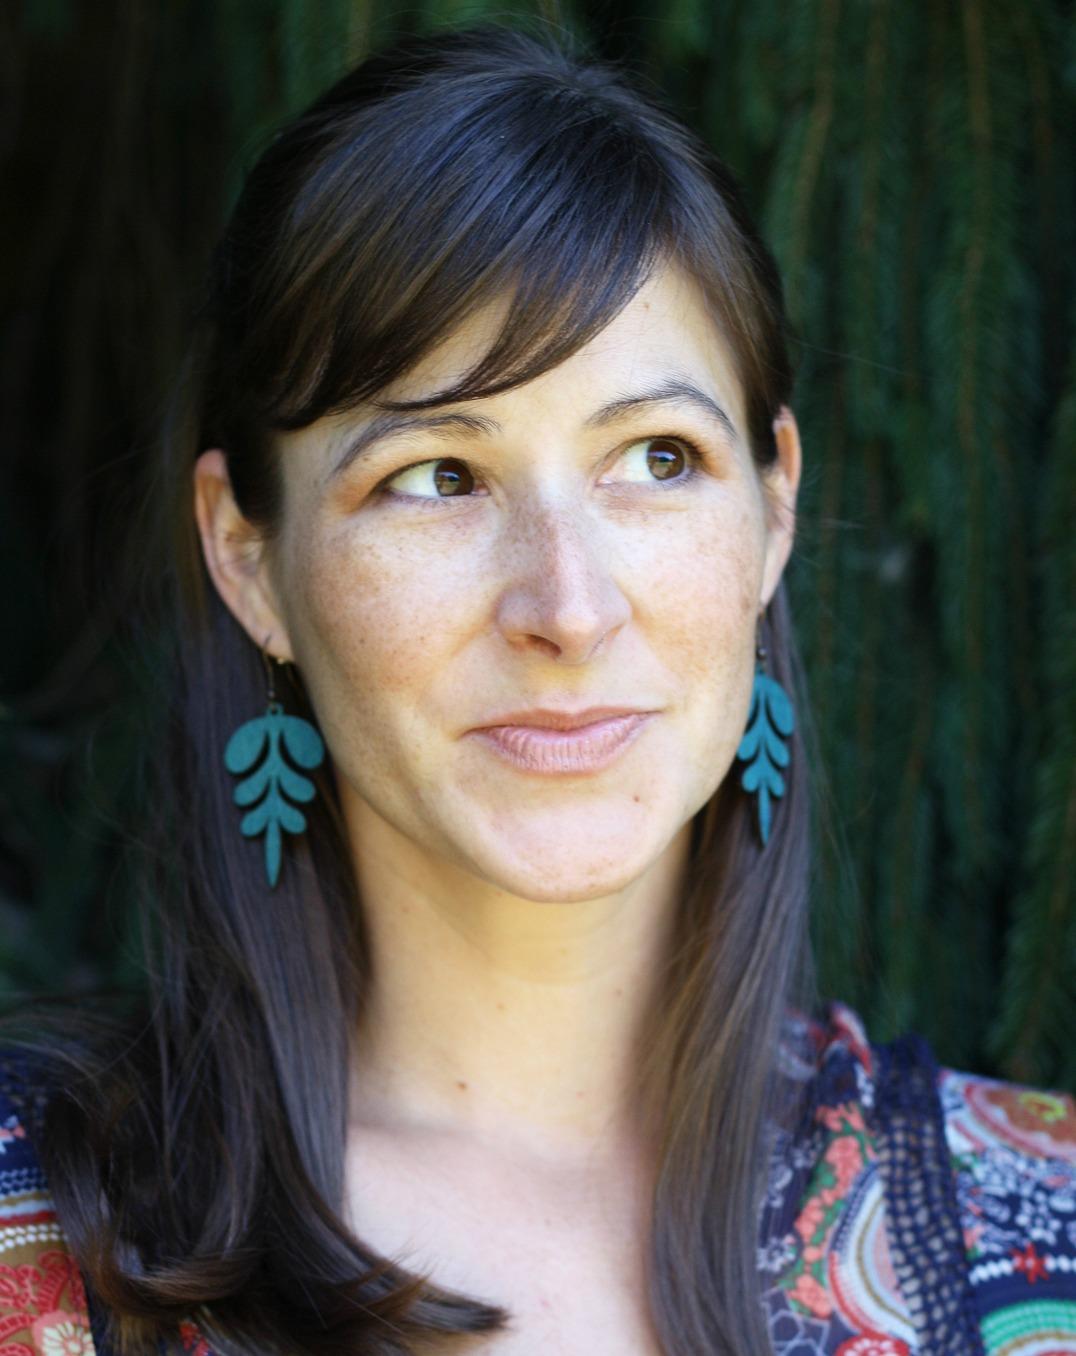 Carisa Miller